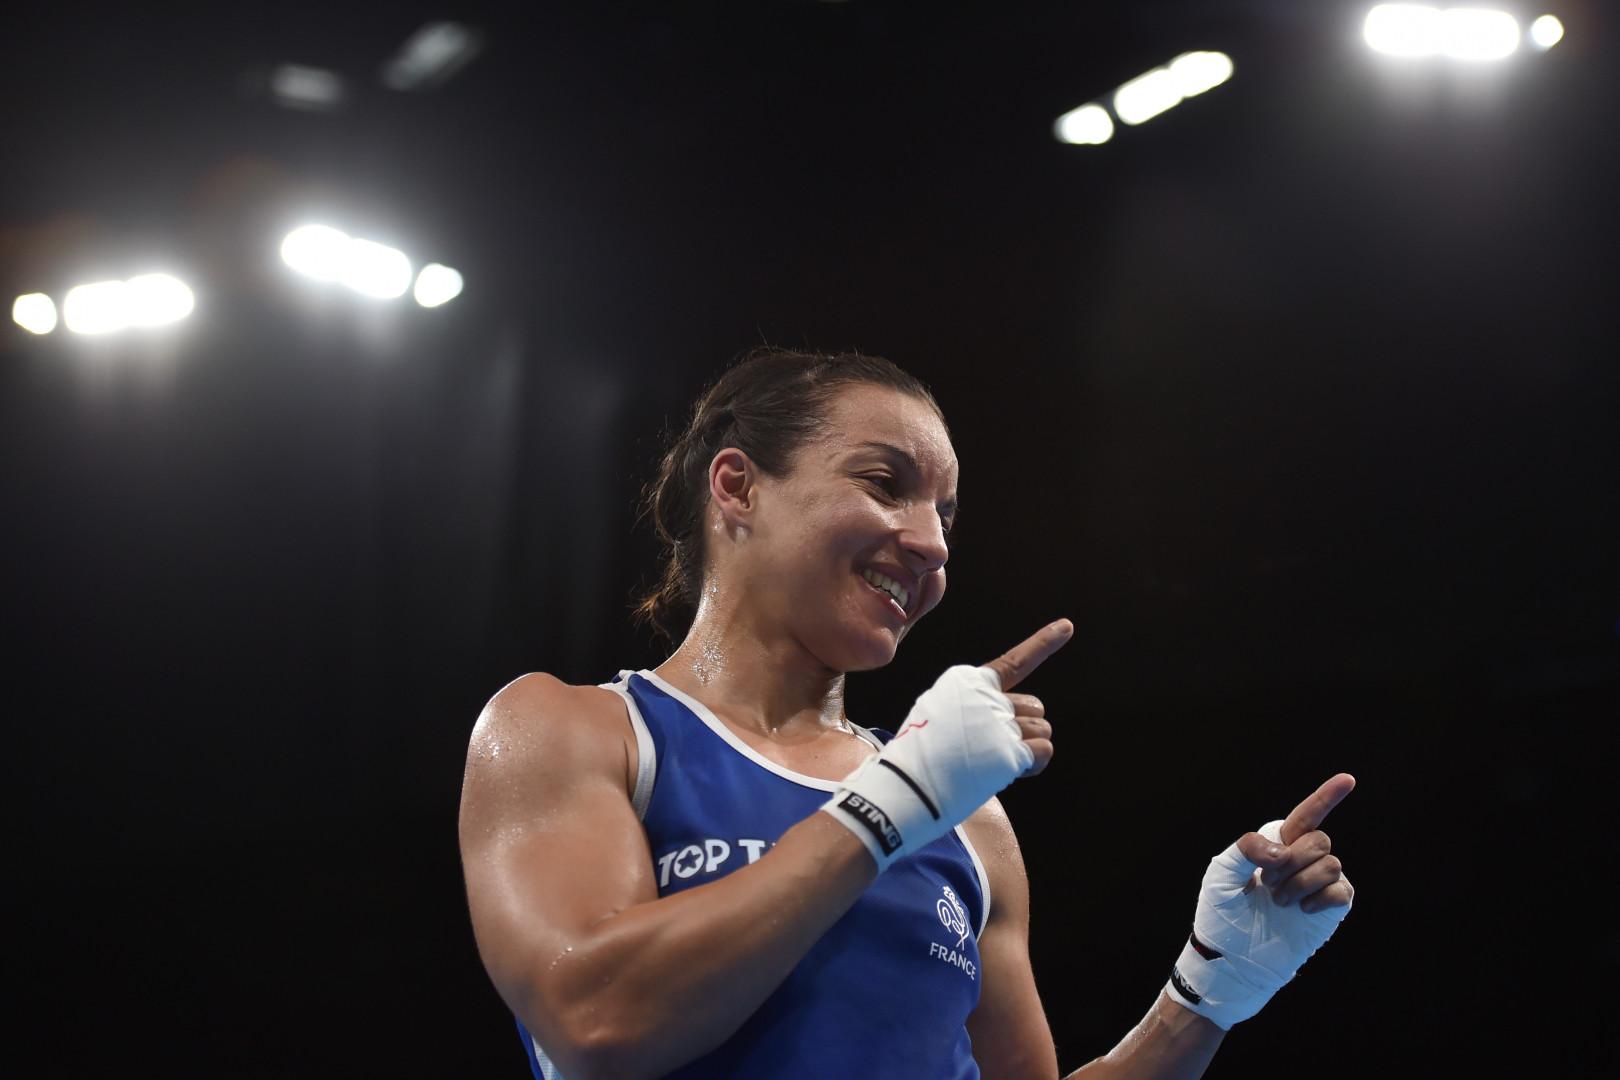 Sarah Ourahmoune, boxeuse française, vice-championne olympique en 2016. Elle tient un blog (carnetdesportive.com/) et occupe un poste de déléguée du gouvernement sur le 93 sur la thématique Sport. Instagram / sarah_ourahmoune